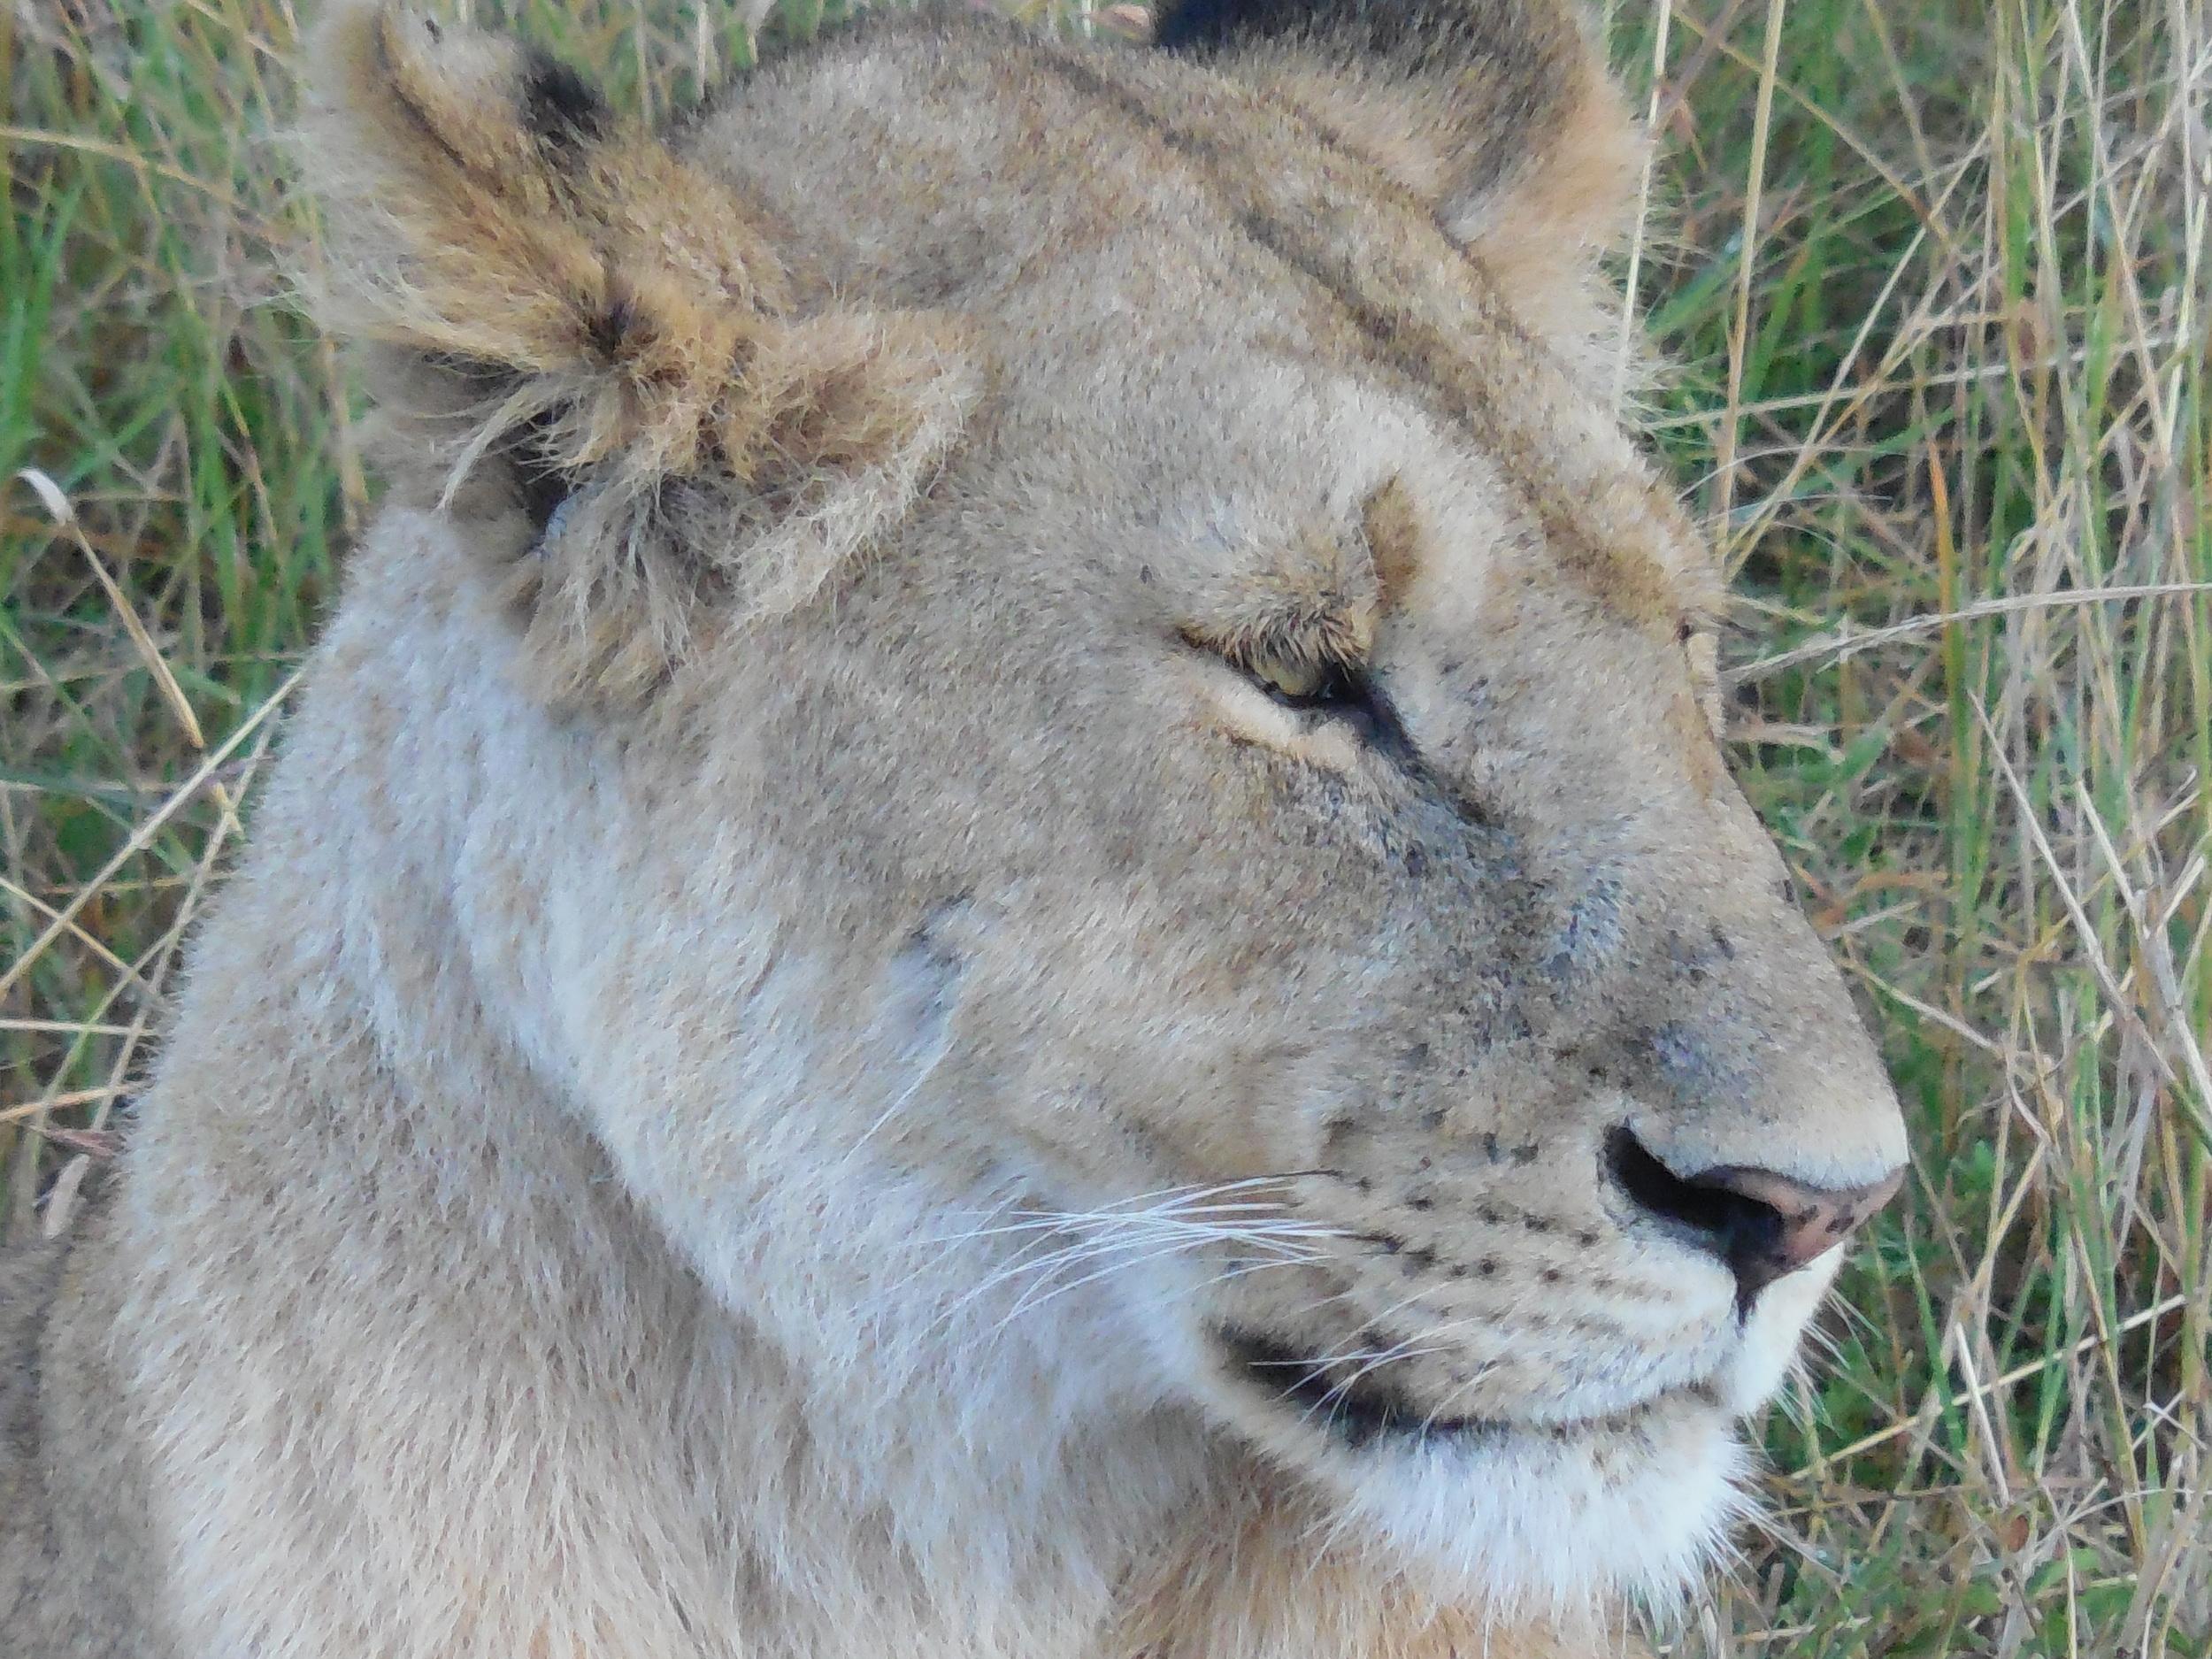 Lioness, Maasai Mara National Reserve, Kenya © Flyga Twiga LLC